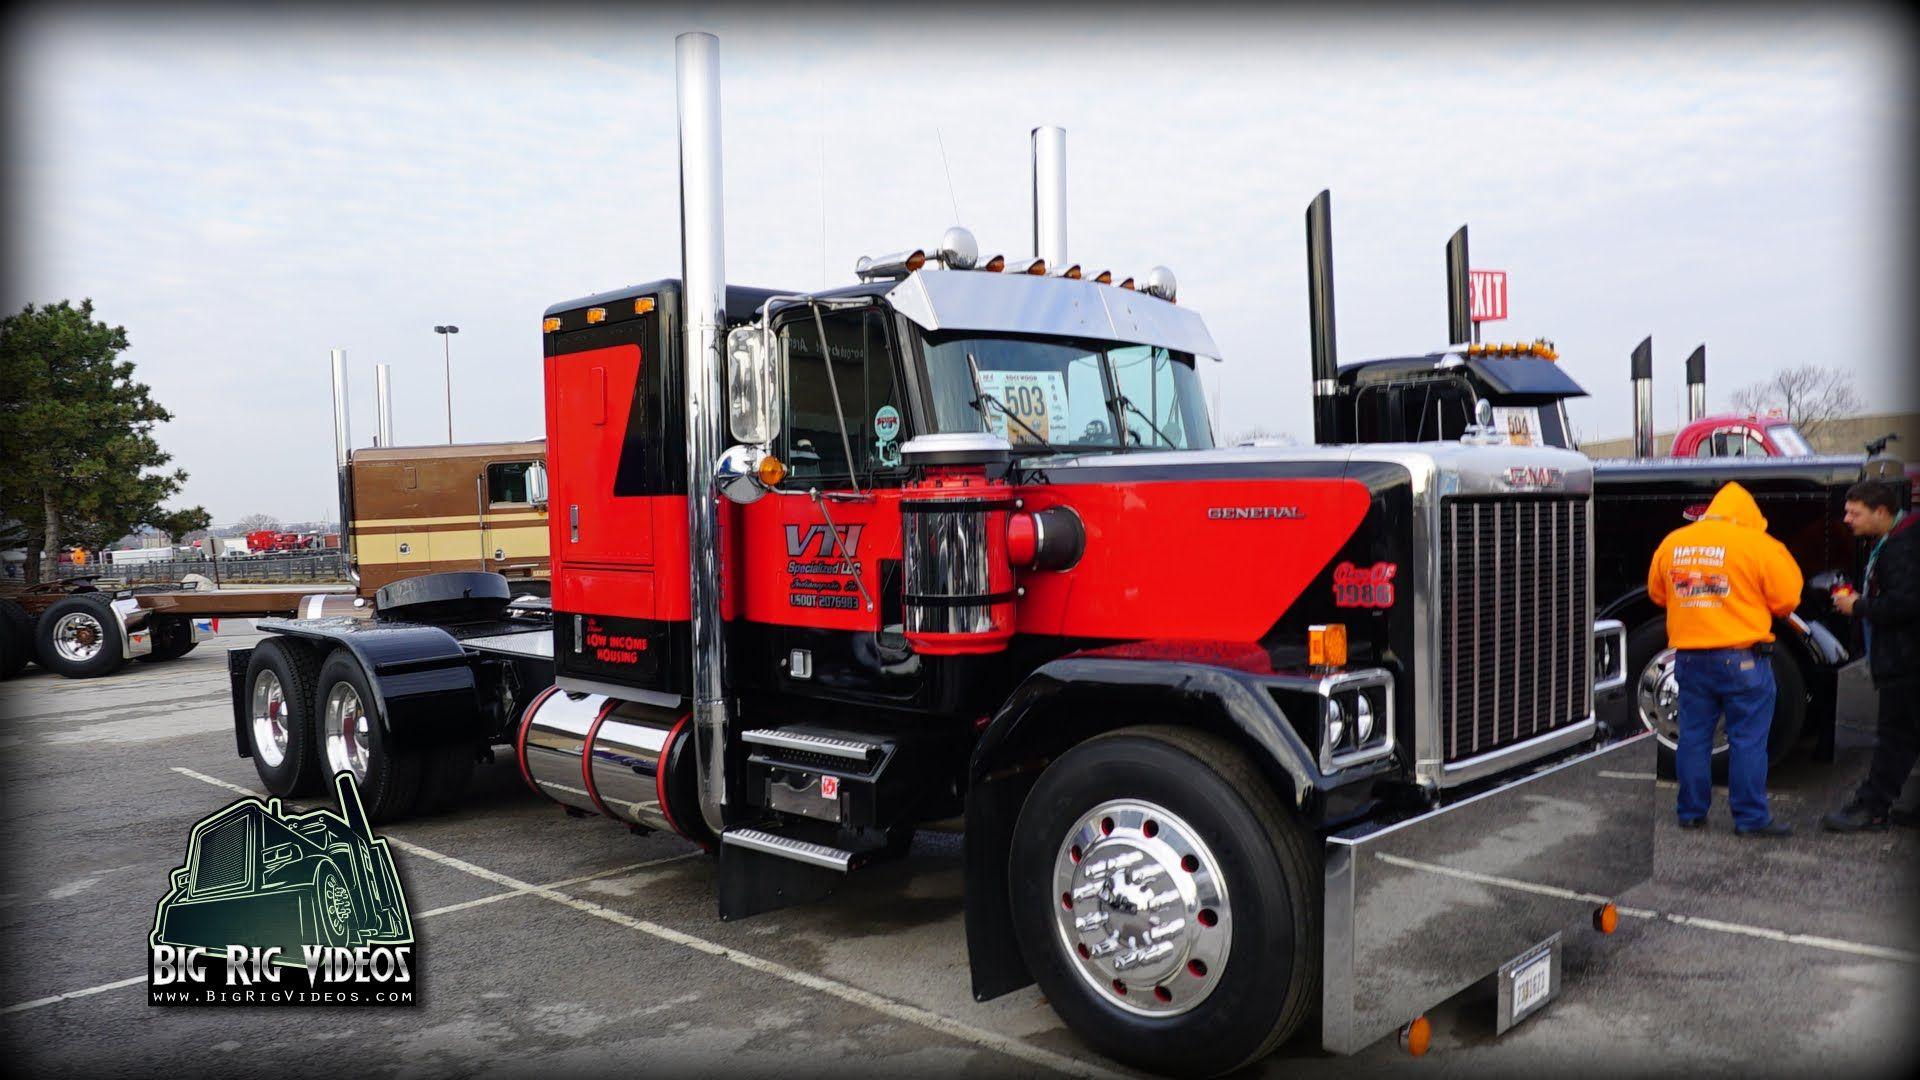 1986 Gmc General Truck Walk Around Trucks Gmc Big Trucks